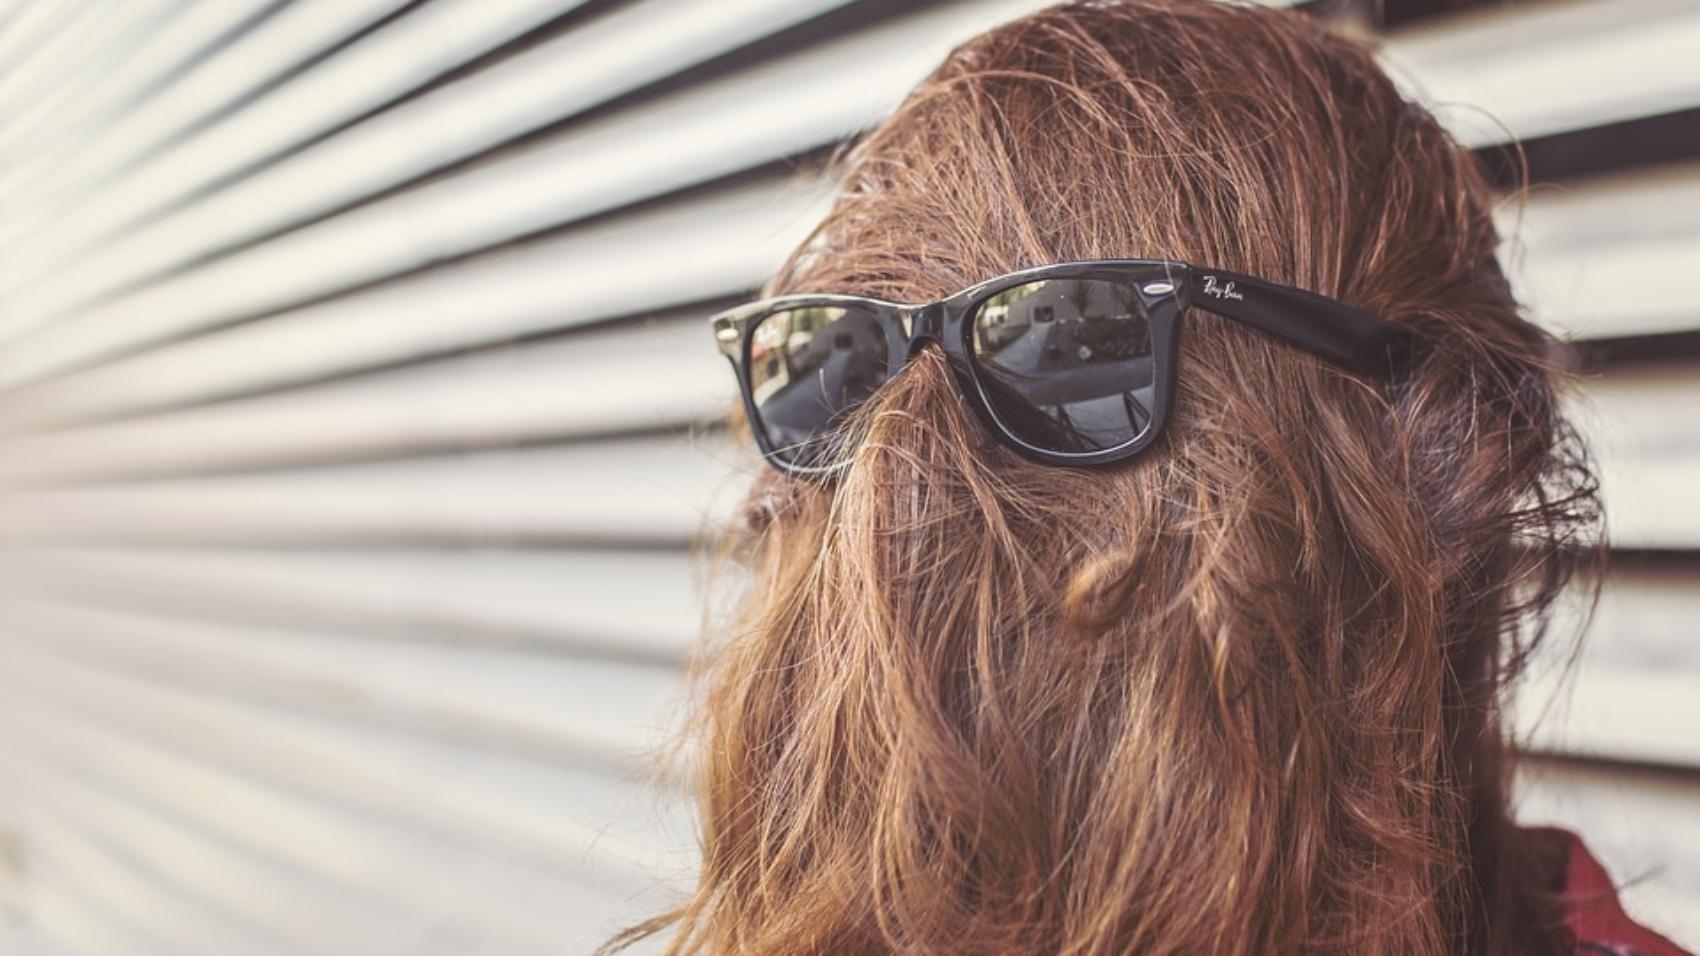 Marketing myopia persona con capelli lunghi che coprono il viso e occhiali